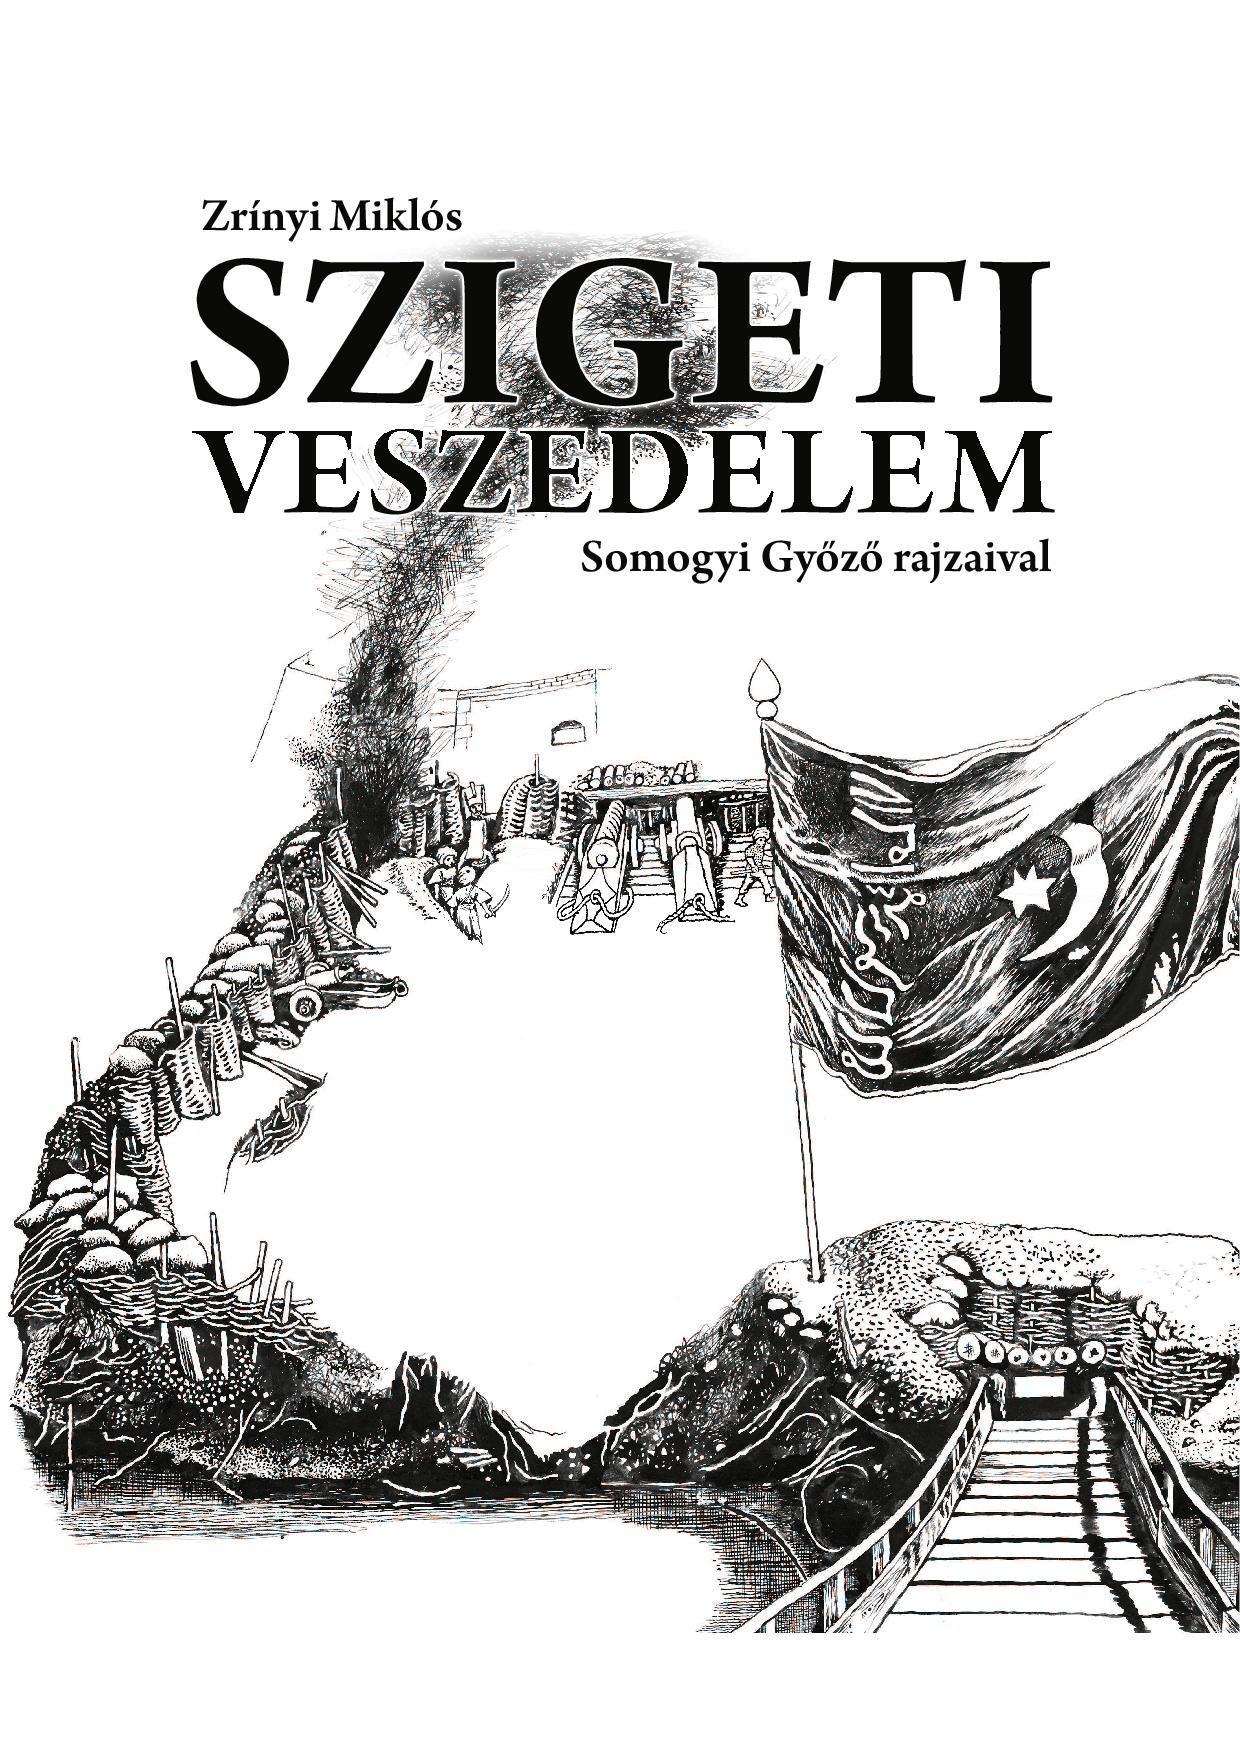 SZIGETI VESZEDELEM - SOMOGYI GYŐZŐ RAJZAIVAL